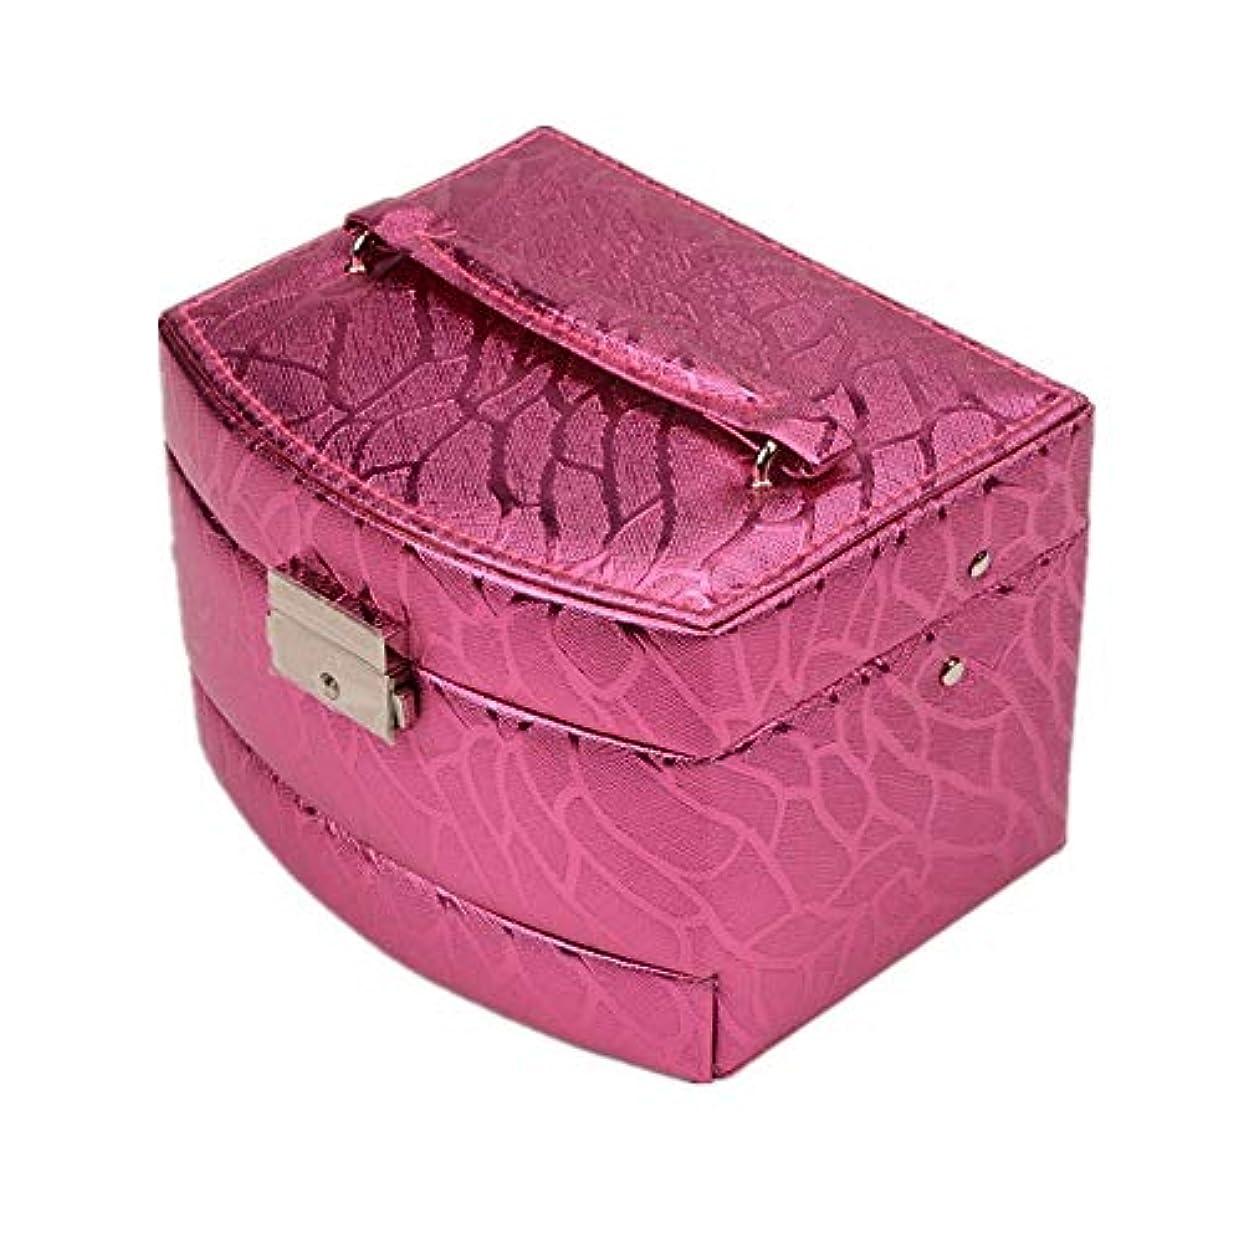 独特の新しさボックス化粧オーガナイザーバッグ 光沢のあるポータブル多層化粧品美容メイクアップ化粧ケースロックと化粧品ミラー 化粧品ケース